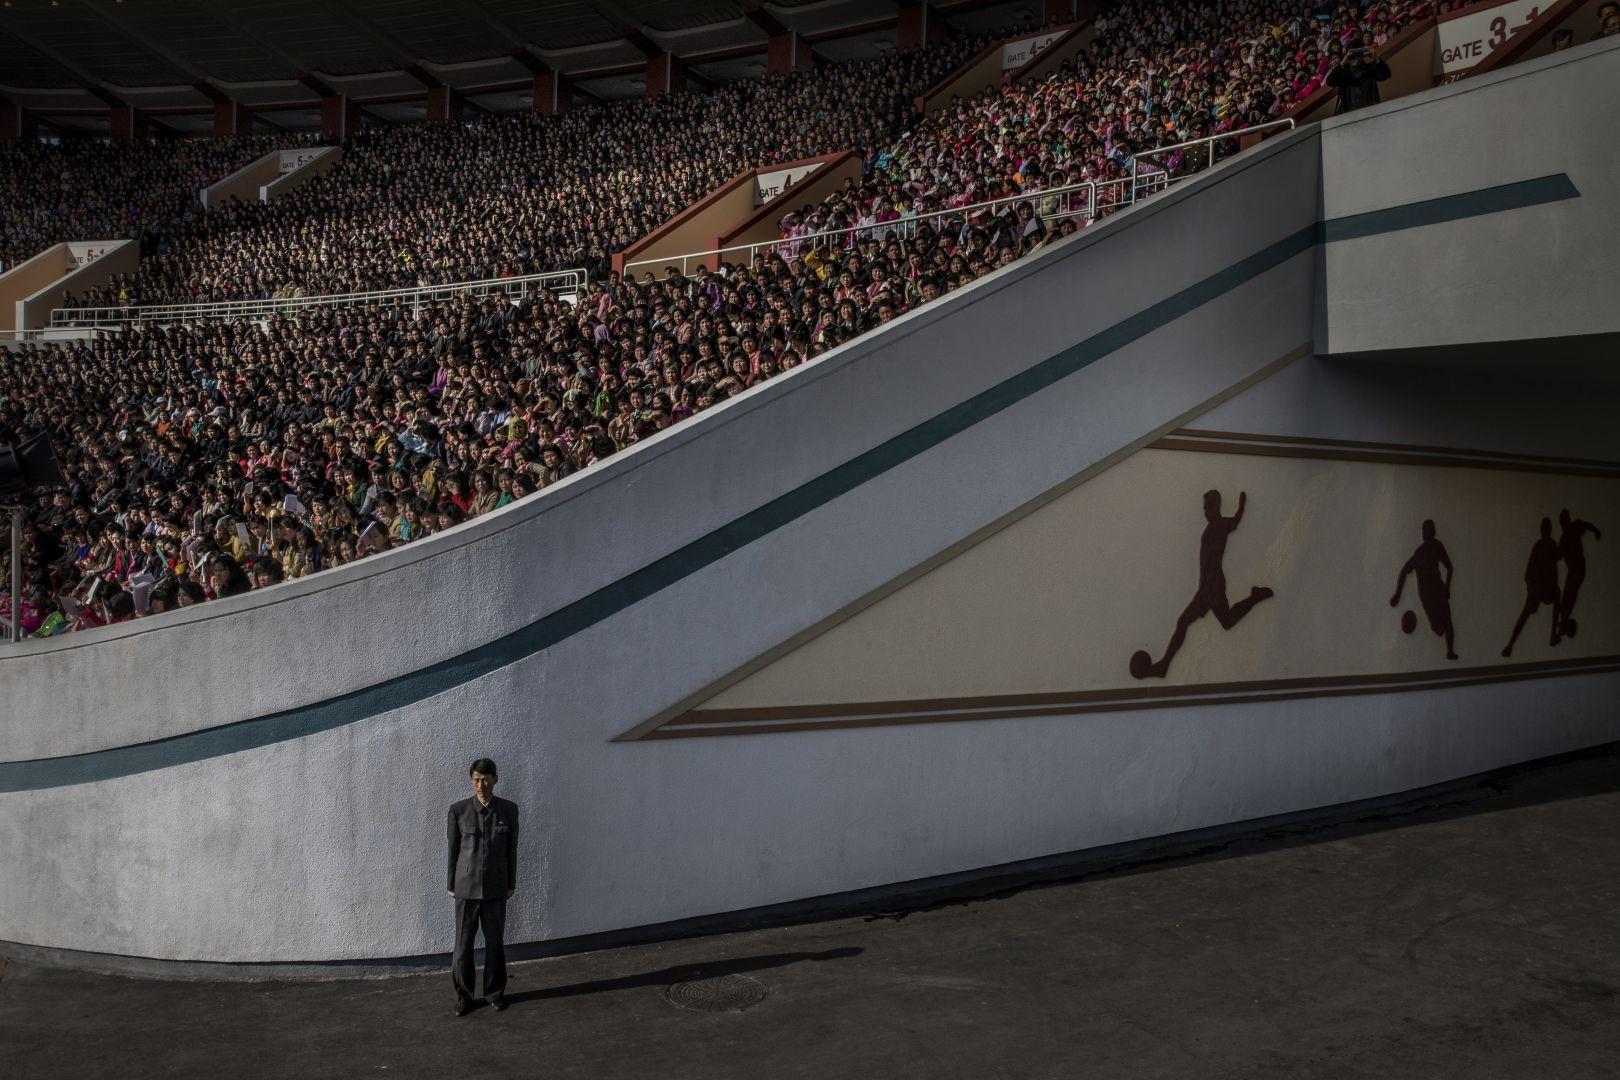 Северная Корея, © Роджер Турессон, Швеция, 3-й приз : одиночный кадр, Фотоконкурс World Press Photo